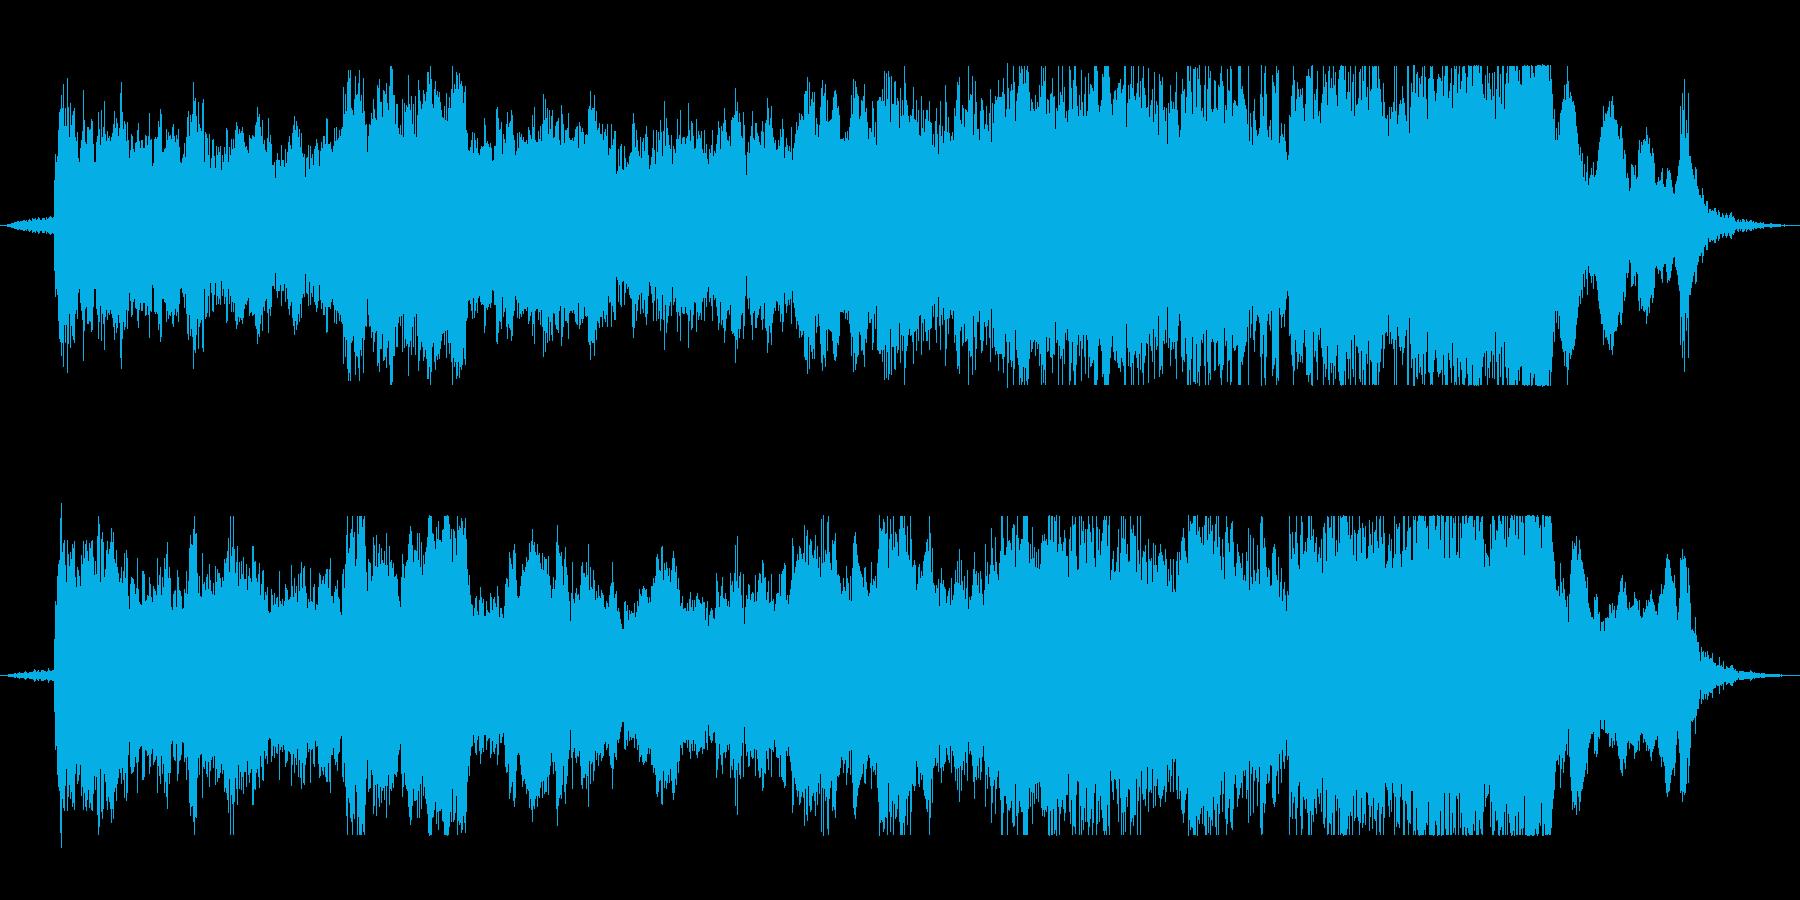 日本の伝統的な雰囲気の曲の再生済みの波形